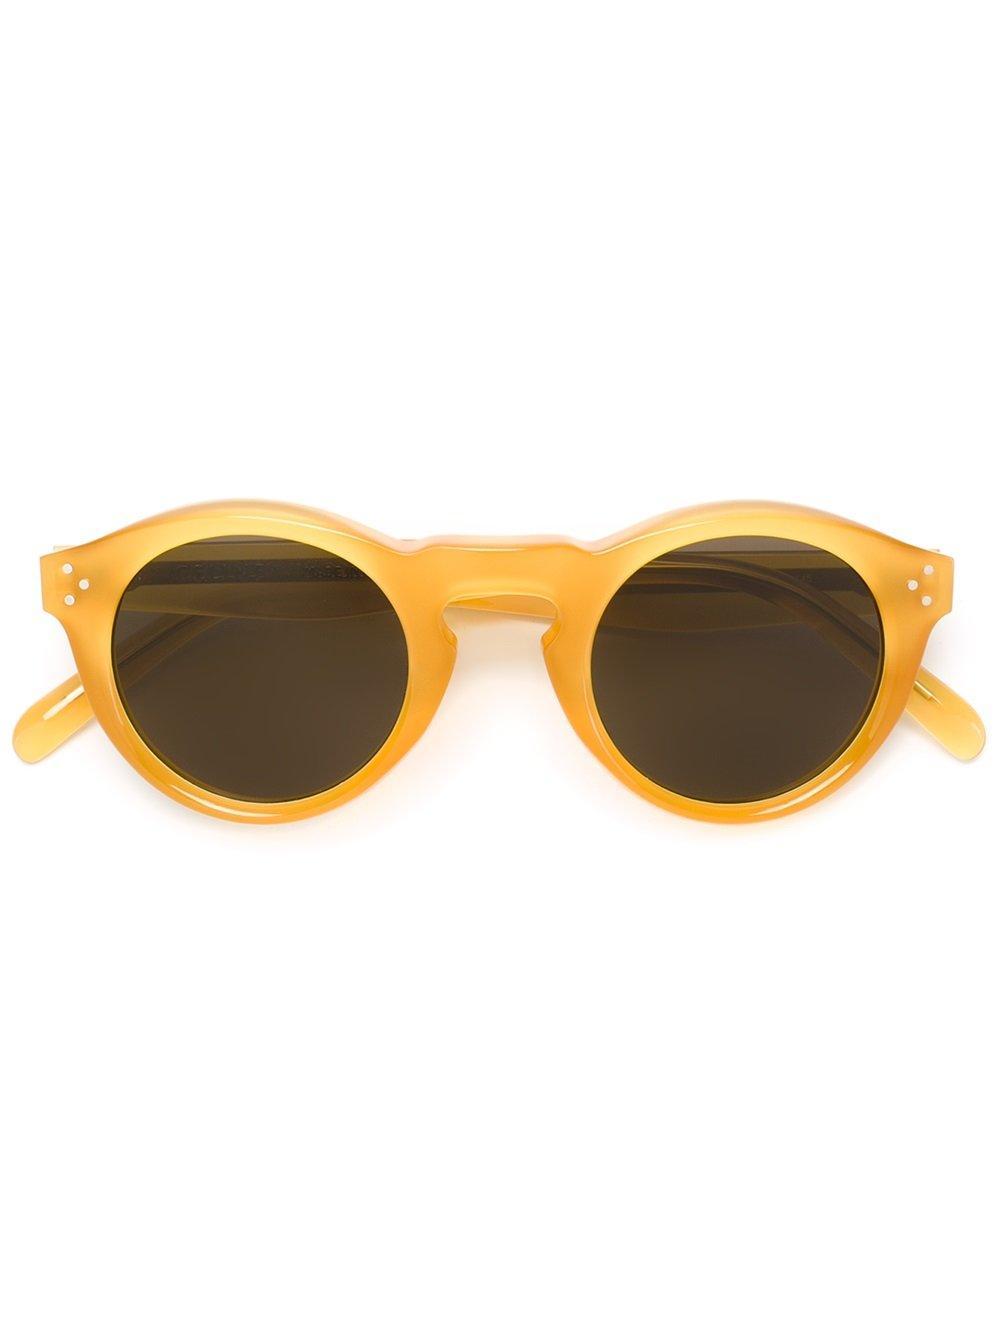 Celine Yellow & Orange